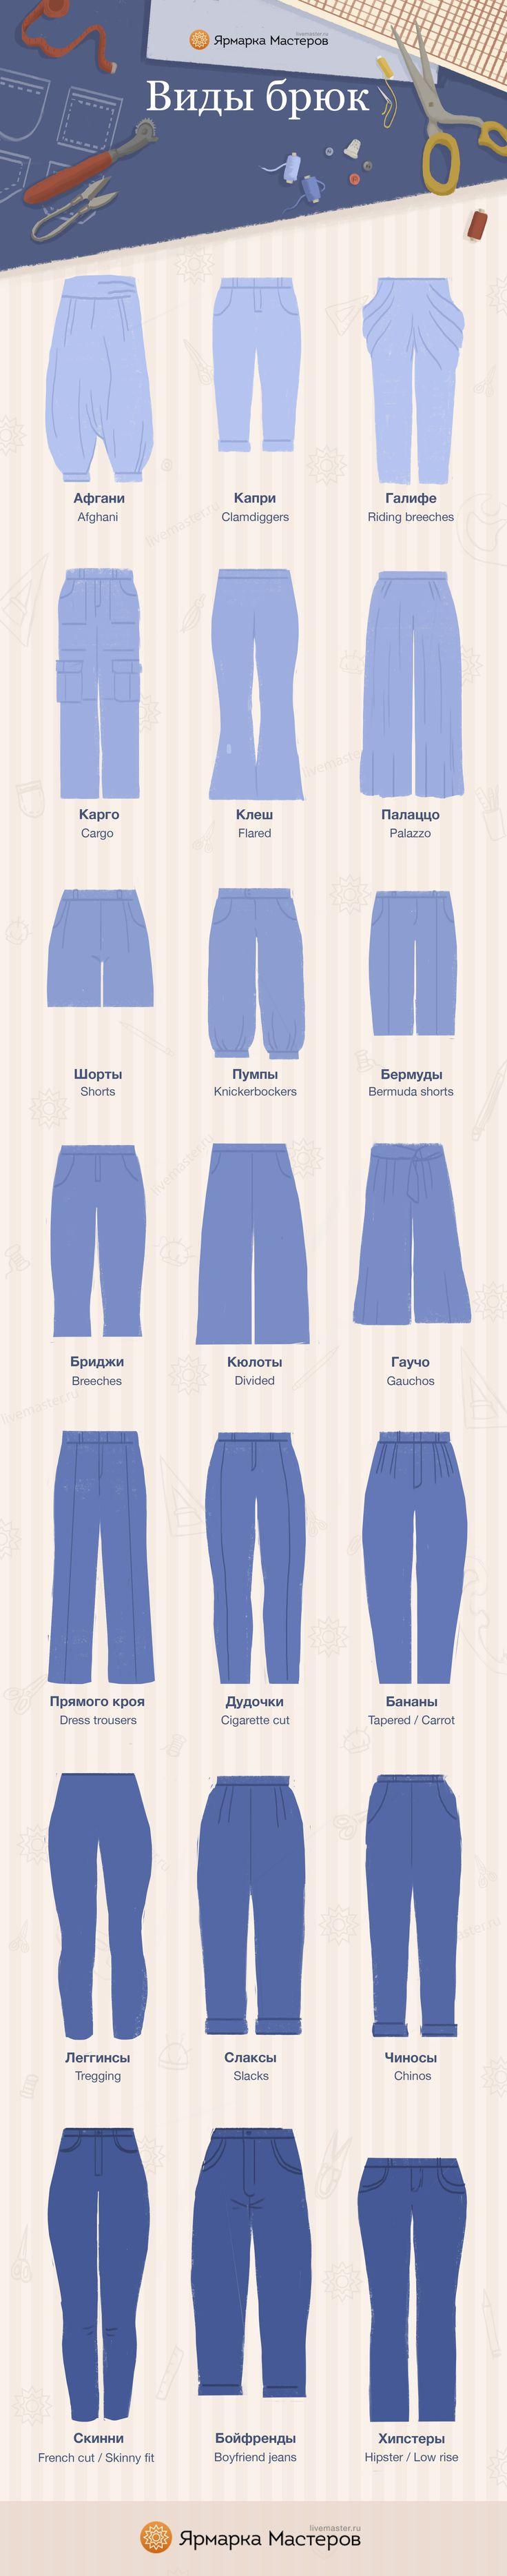 Совсем недавно мы разобрались с фасонами юбок, пришло время и другой важной одежды — женских брюк. Брюки заняли в женском гардеробе настолько прочное место, что мы и забыли, с каким трудом они в него проникли. Но, как ни удивительно, история женских брюк насчитывает уже несколько веков — появились они, конечно же, на Востоке, и остаются в индустрии ориентальной моды практически в первозданном виде.